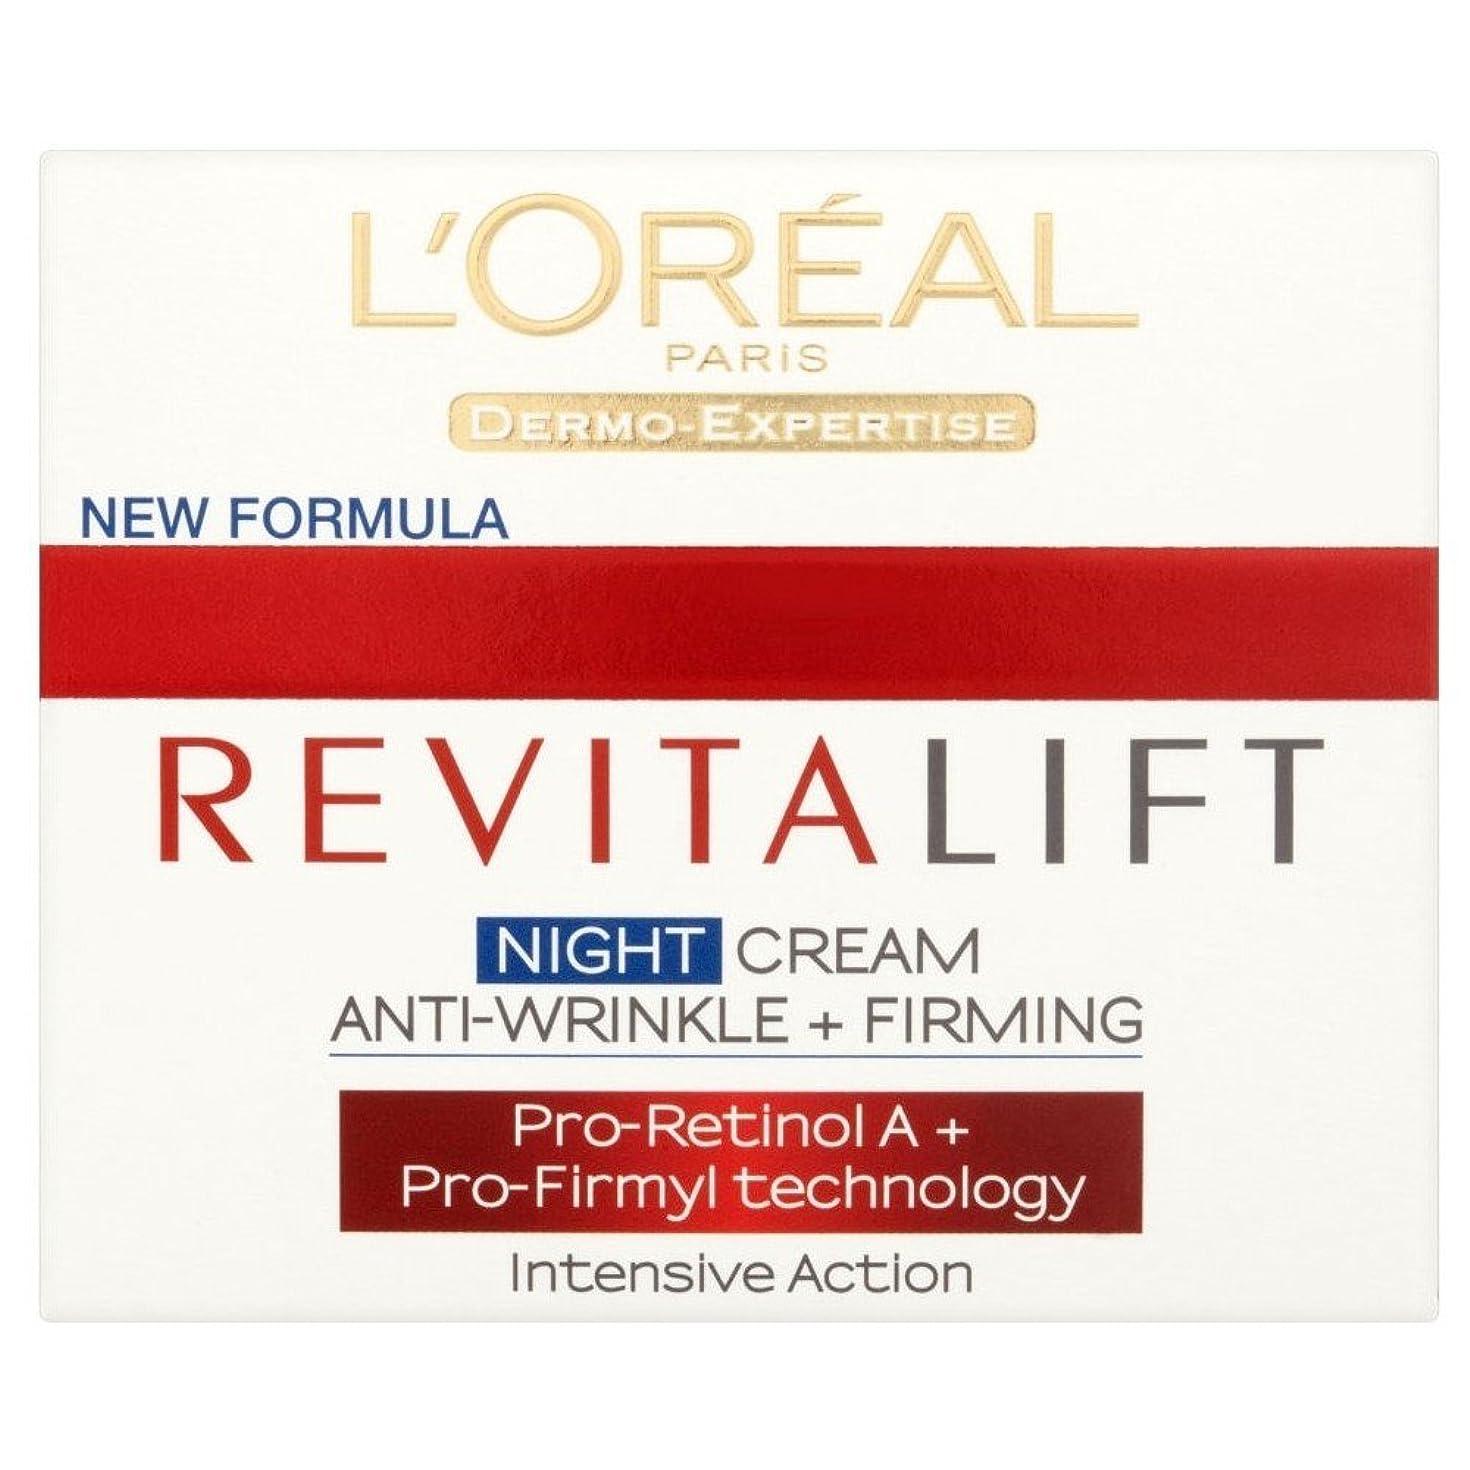 月うっかり舞い上がるL'Oreal Paris Revitalift Anti Wrinkle + Firming Night Cream (50ml) L'オラ?アルパリrevitaliftアンチリンクル+ファーミングナイトクリーム( 50ミリリットル) [並行輸入品]